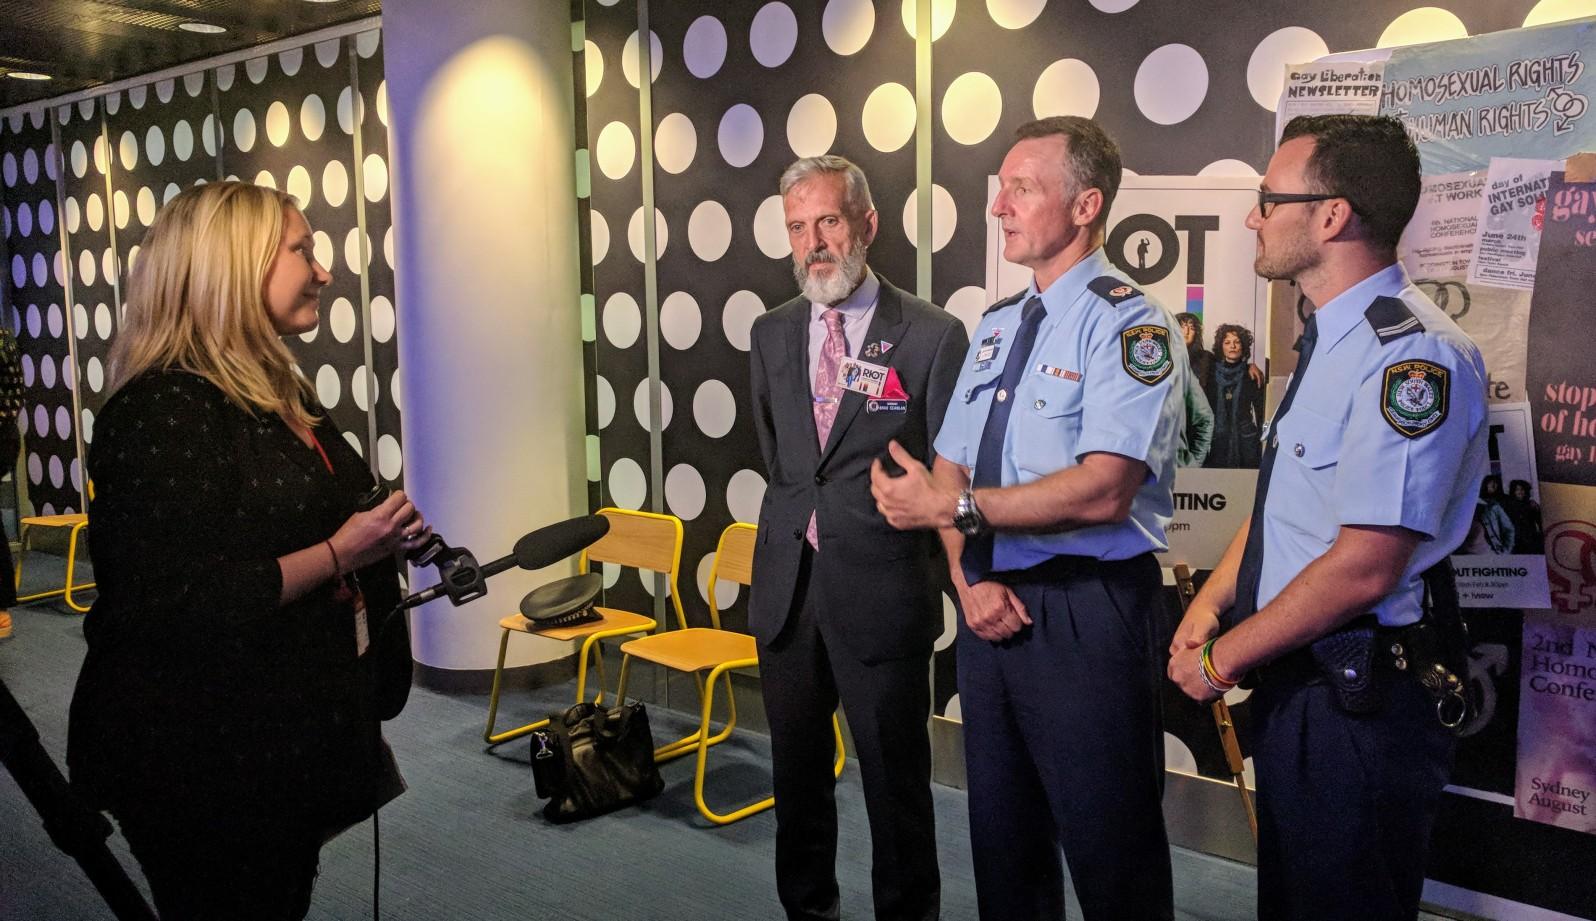 Police at Riot Screening